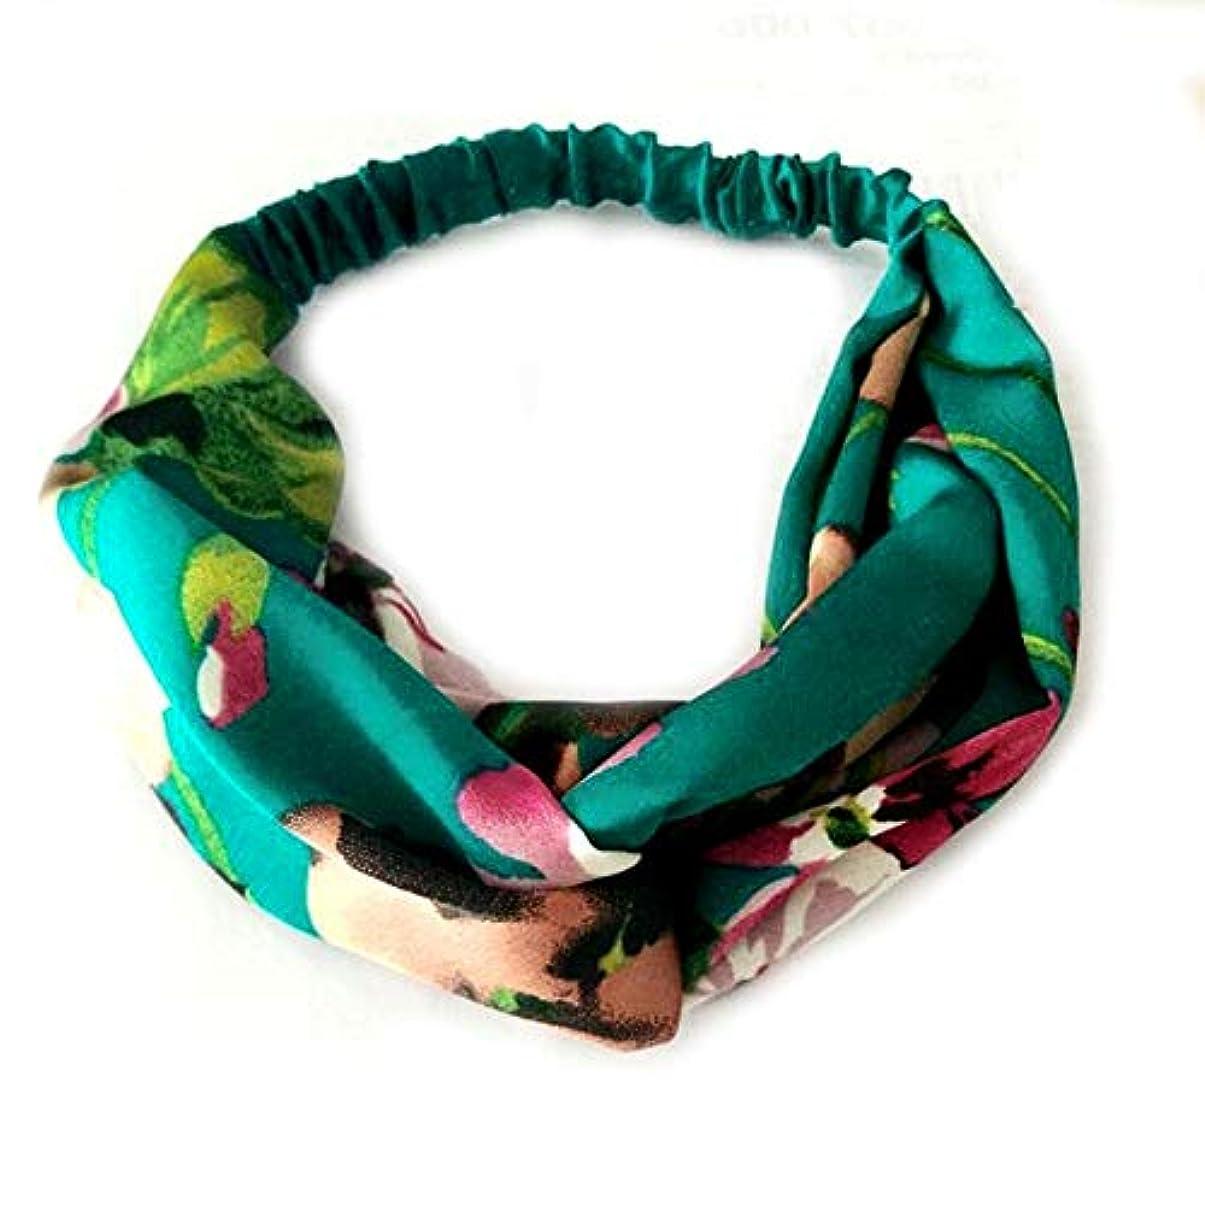 近代化するピュー保護フラワーヘアピンFlowerHairpin YHM女性サマーボヘミアンヘアバンドレトロクロスバンダナヘアアクセサリー(レッド) (色 : Green)